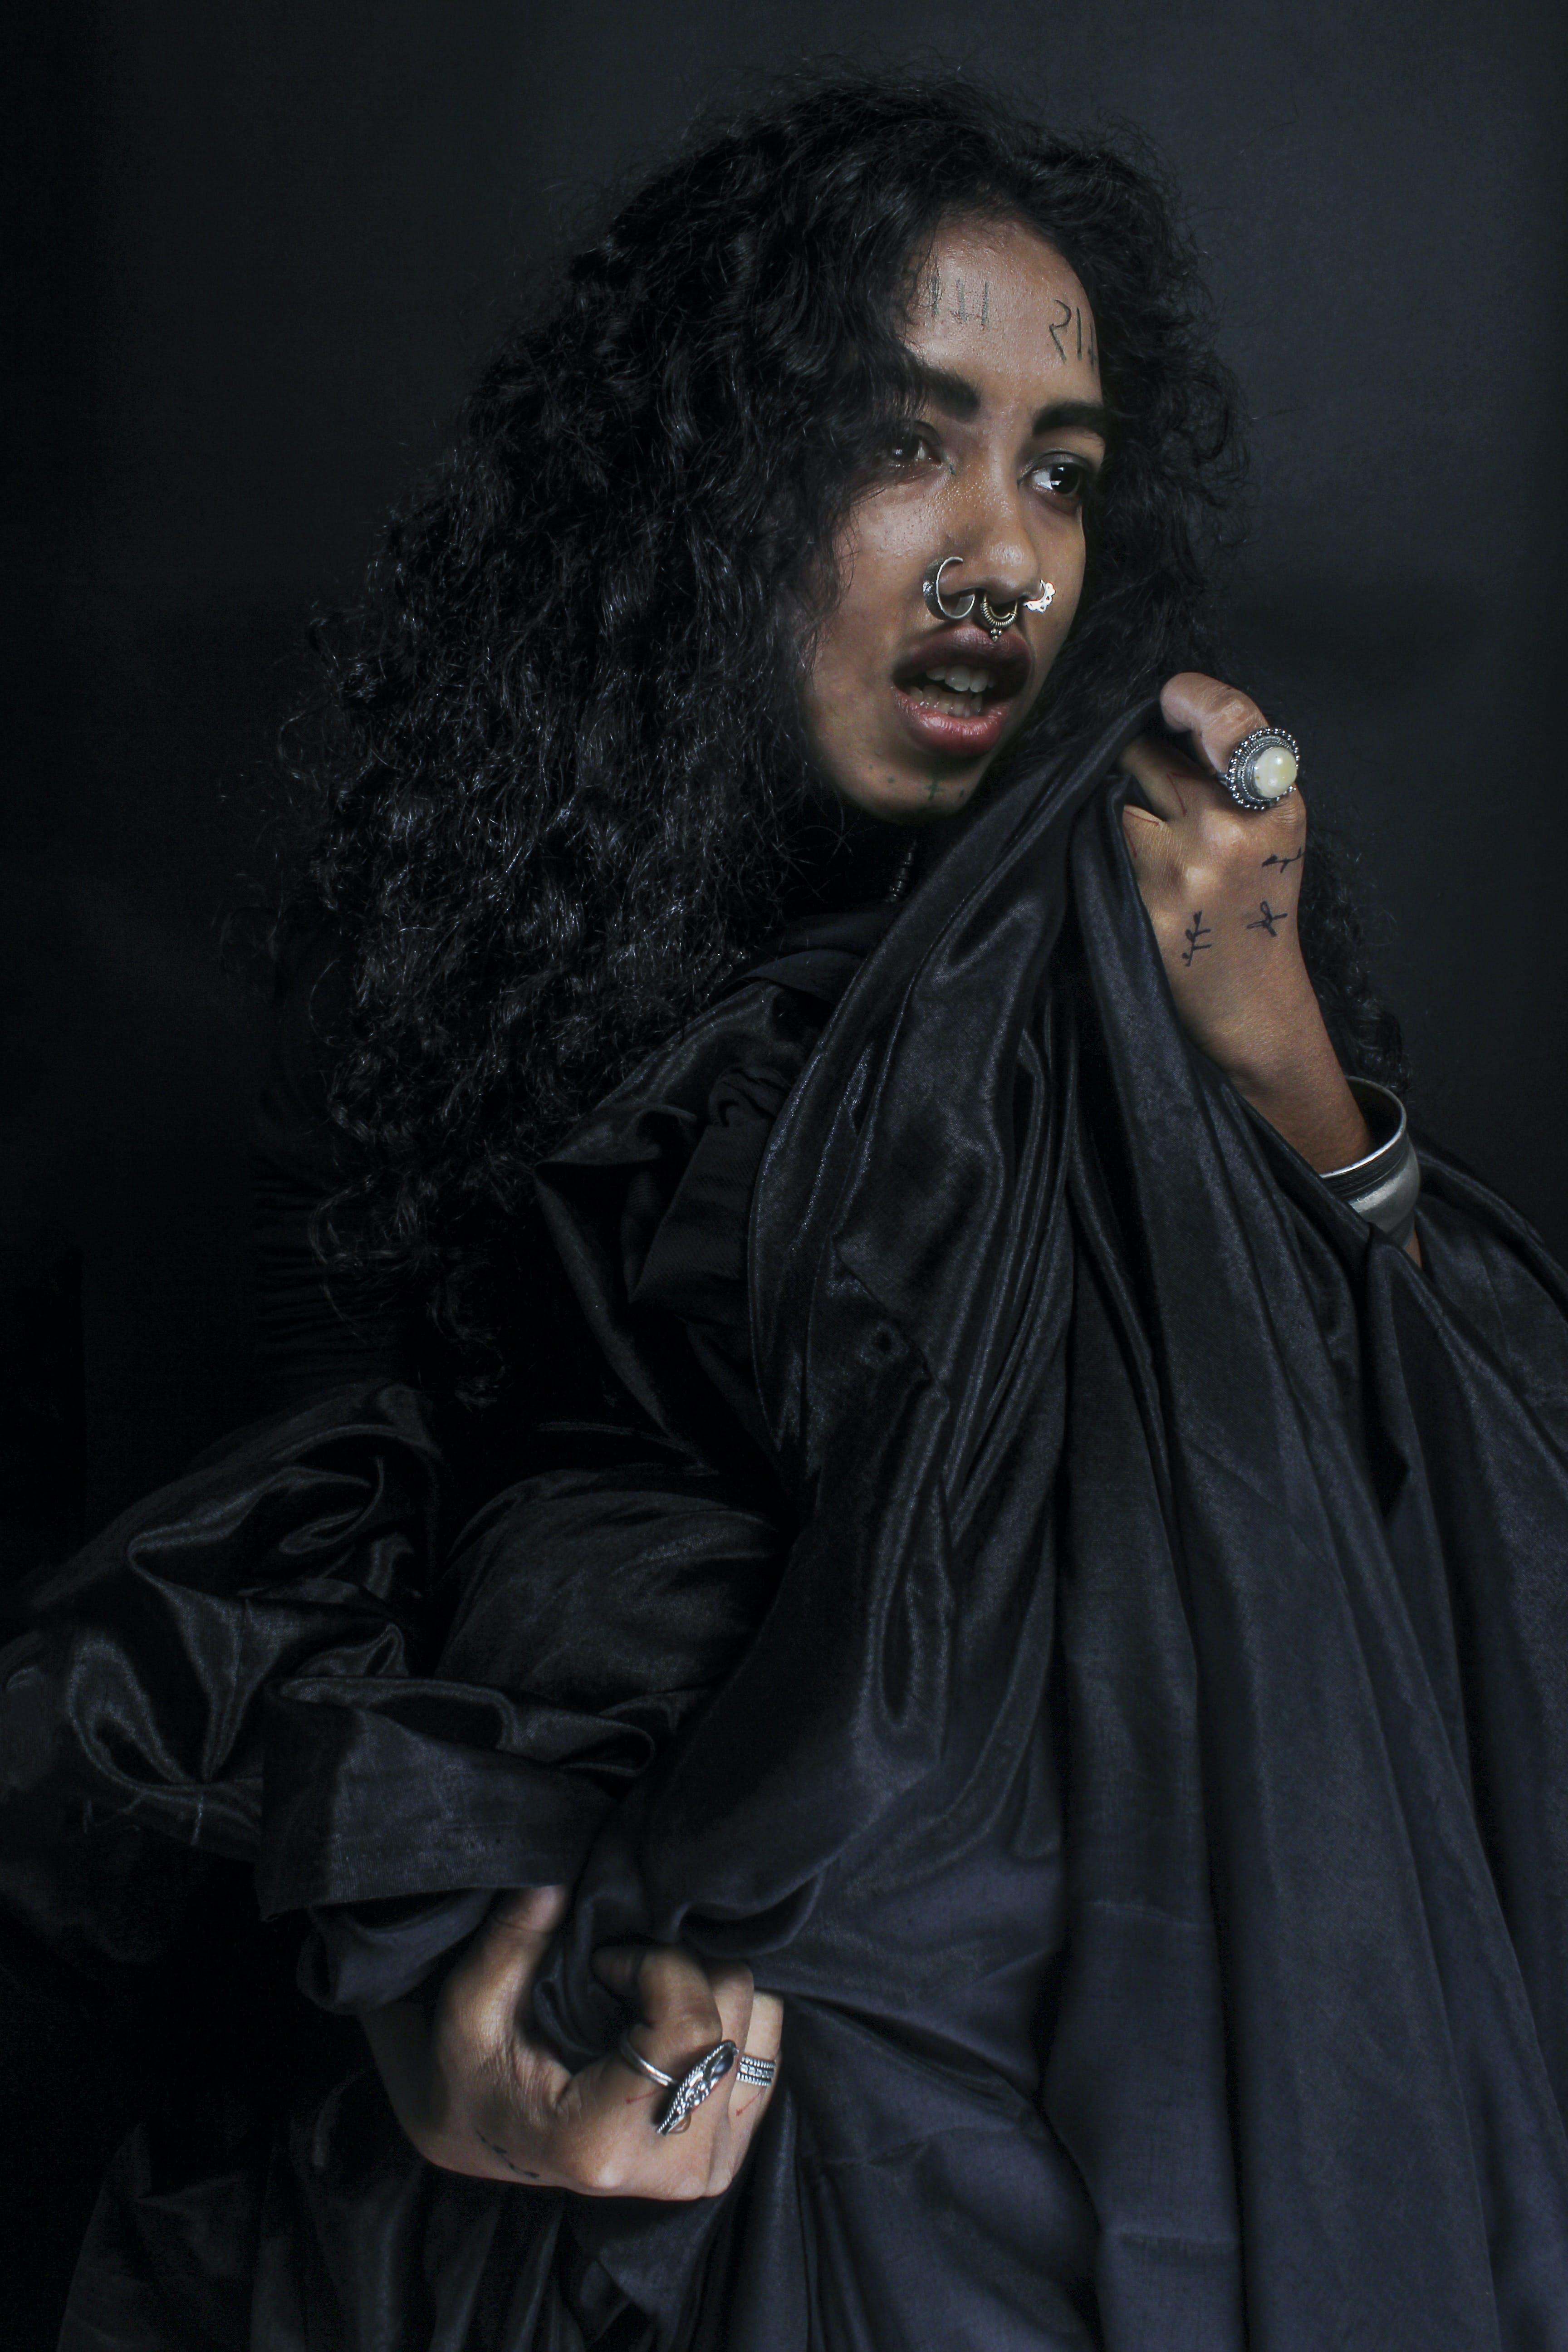 검은색, 곱슬머리, 모델, 사람의 무료 스톡 사진